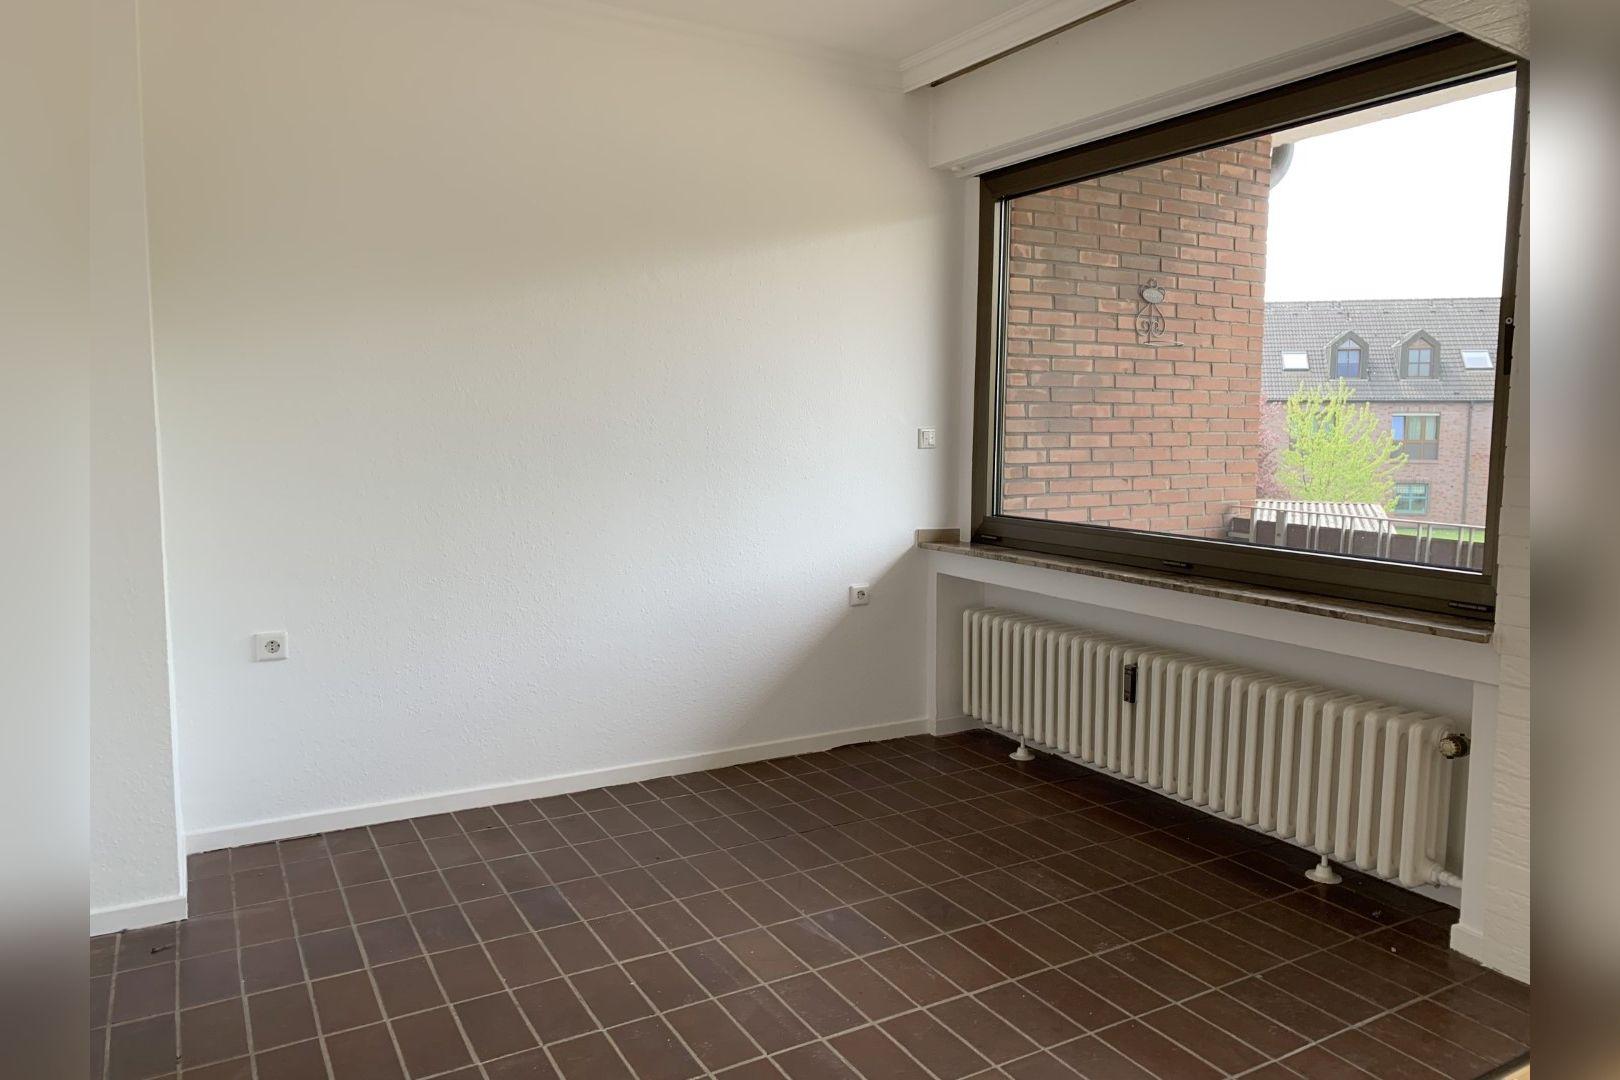 Immobilie Nr.0286 - 2,5 Zimmer Wohnung mit großem Balkon. - Bild 5.jpg